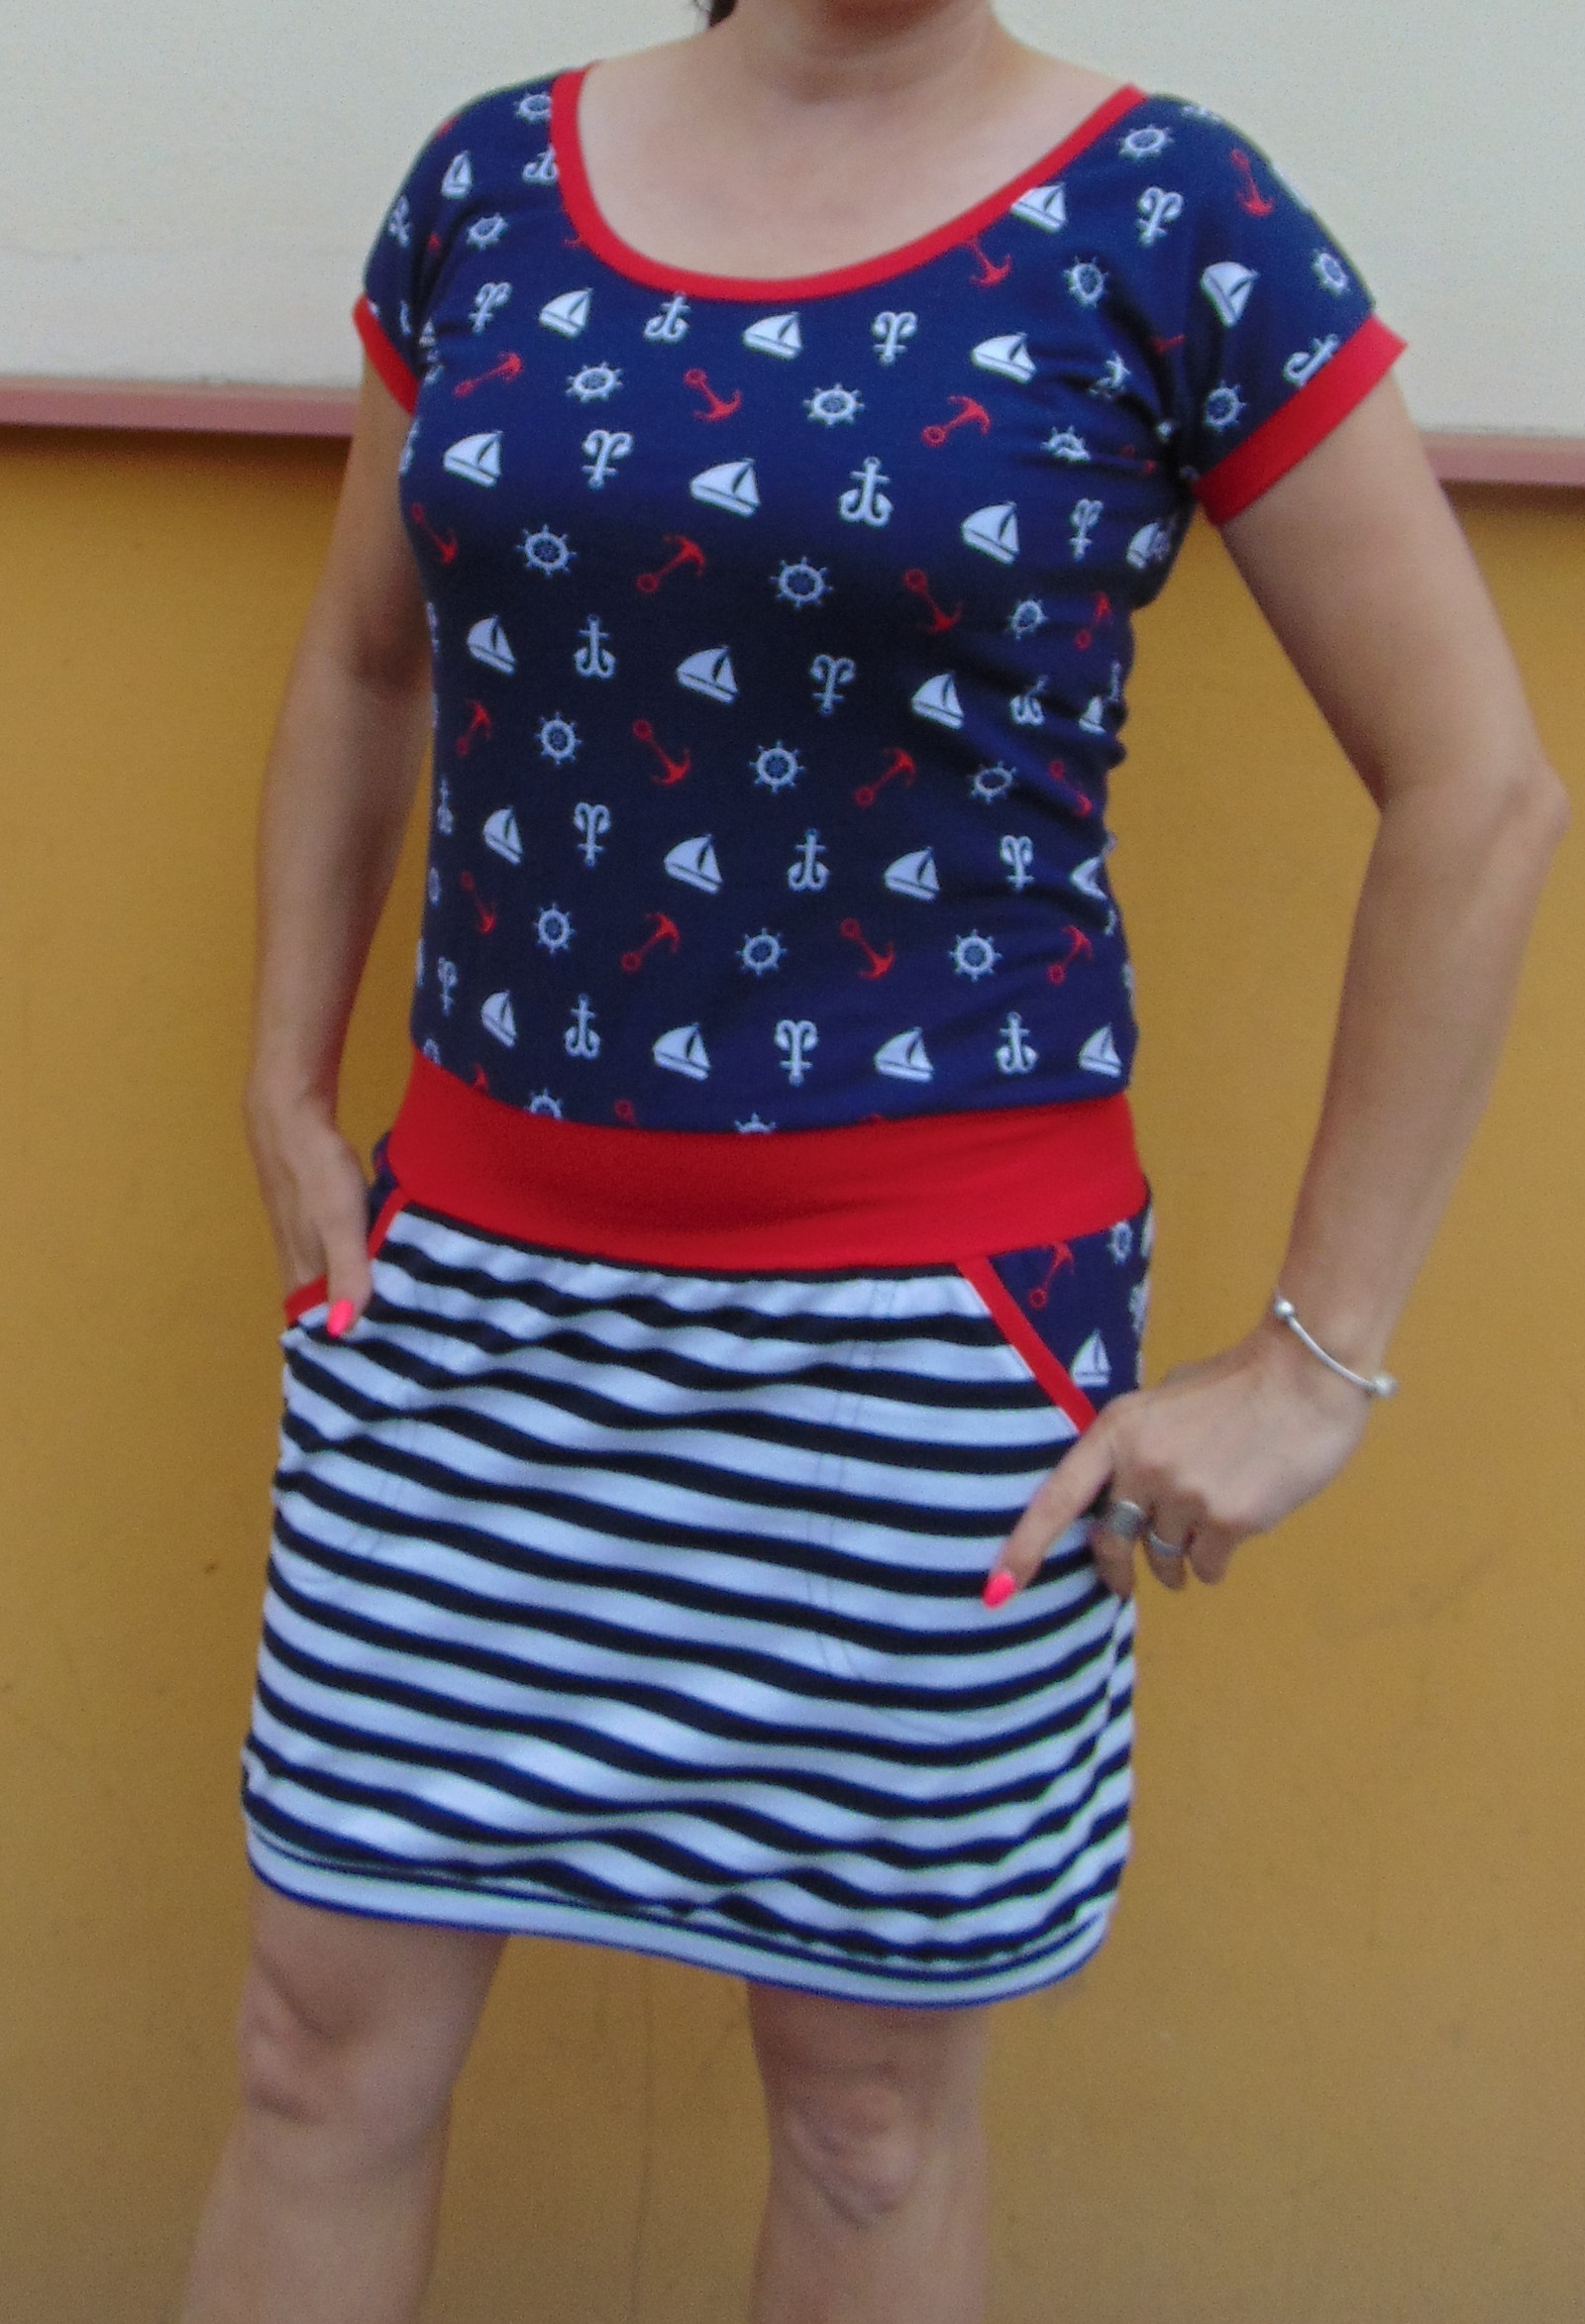 b29ac76039c šaty námořník s lodičkou do lemu   Zboží prodejce Pa-Milada